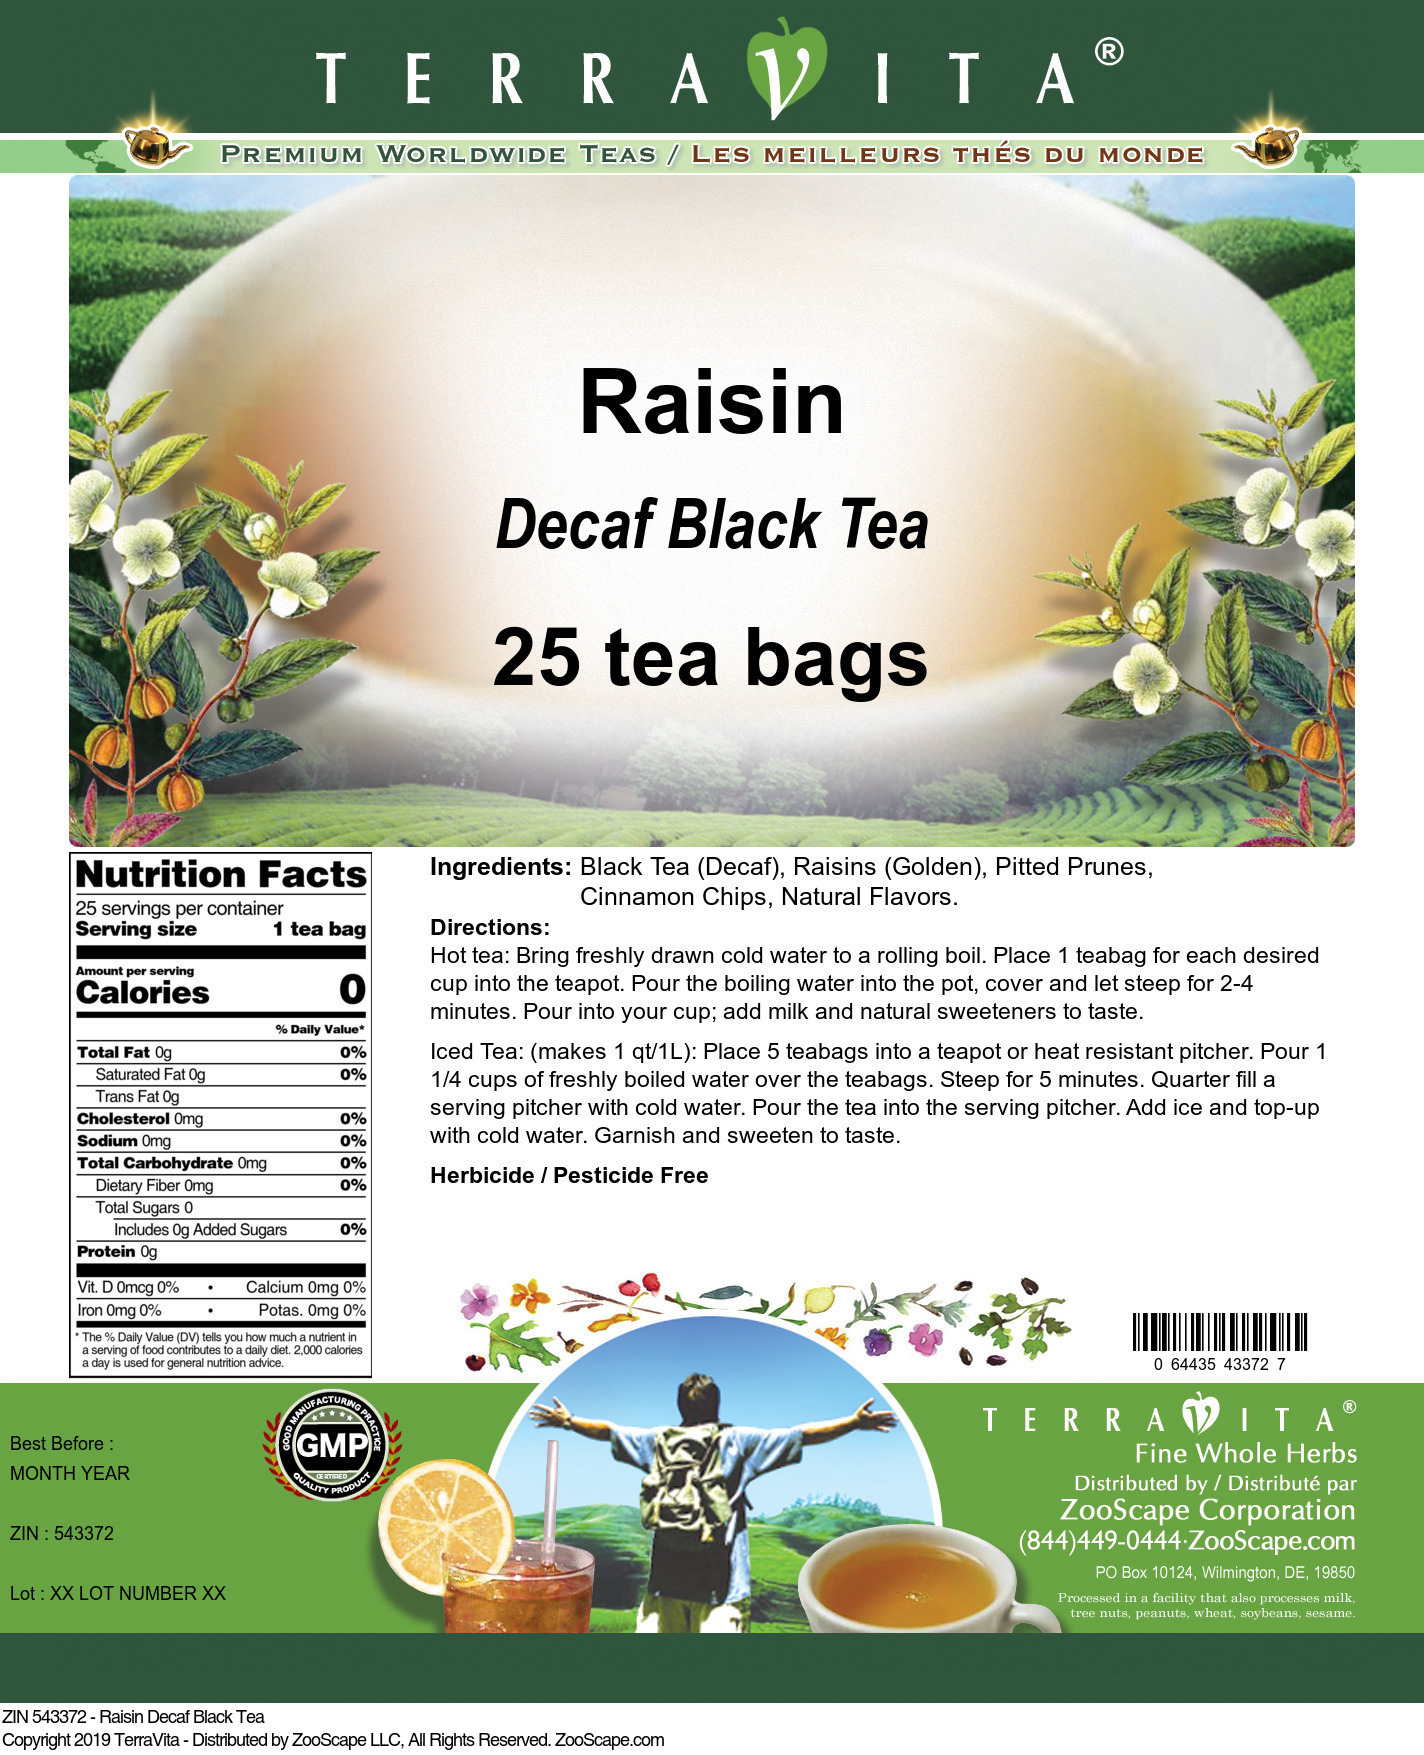 Raisin Decaf Black Tea